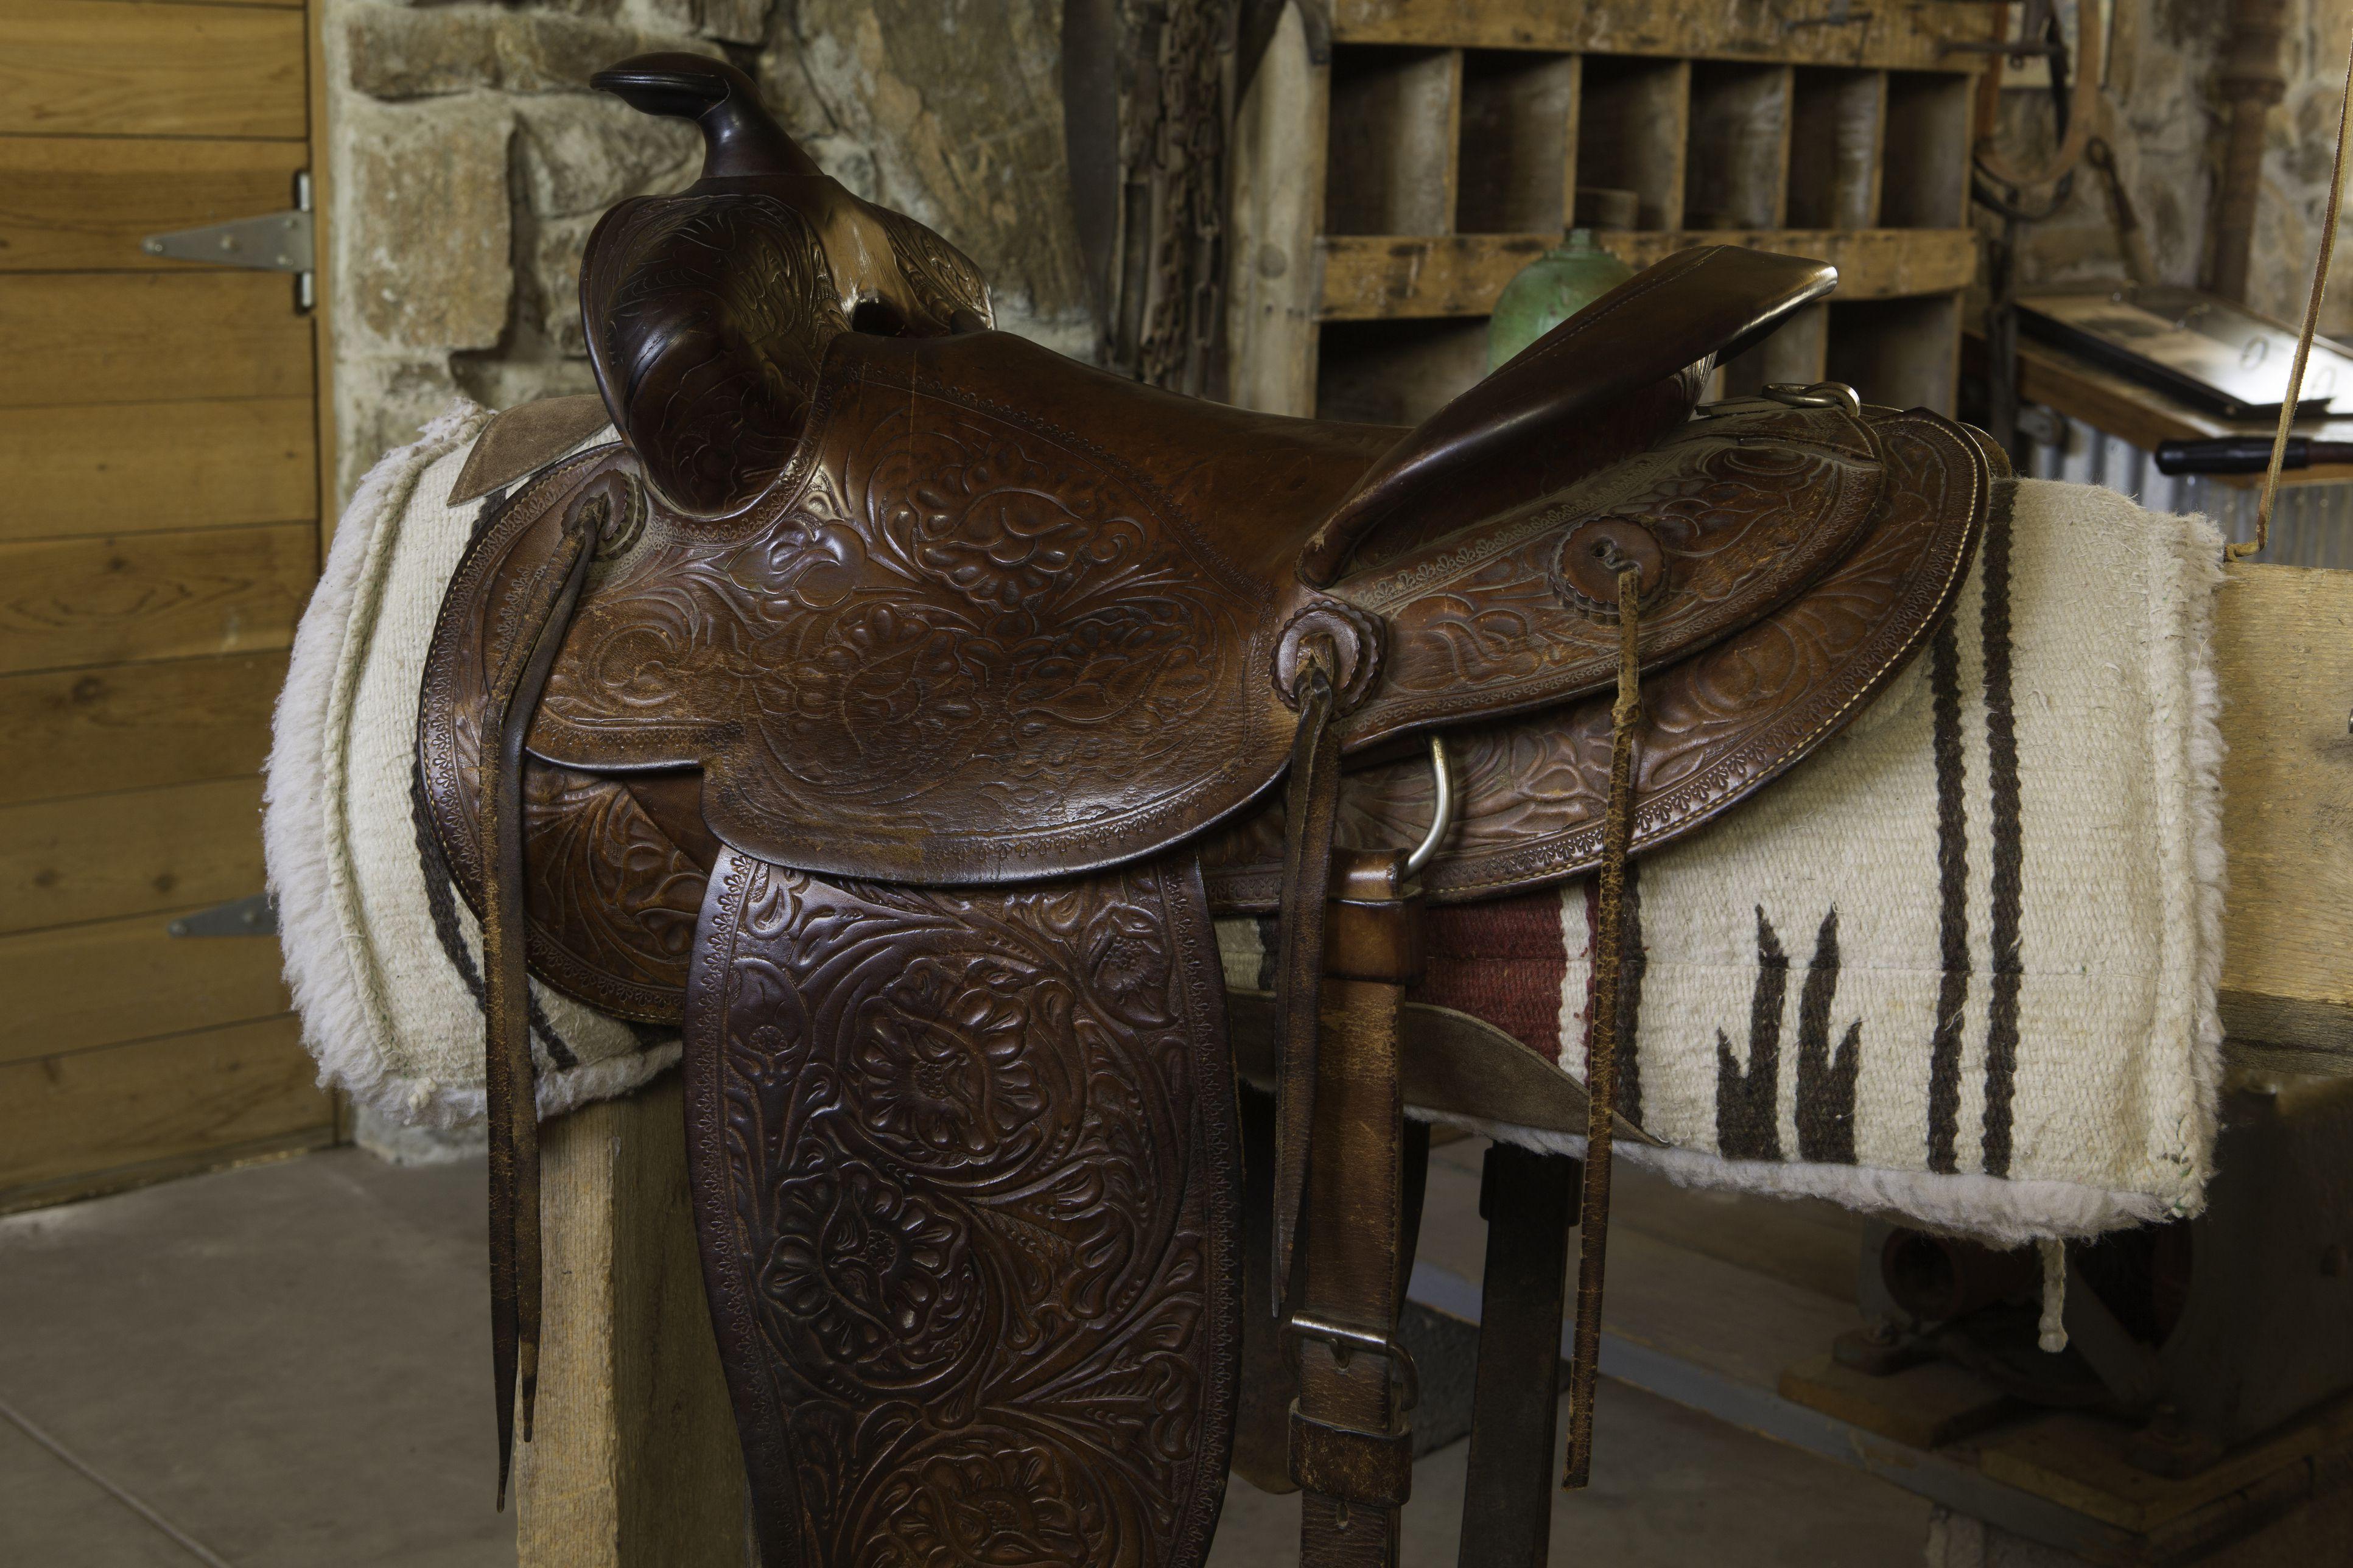 Sillas de montar y almohadillas para caballos occidentales